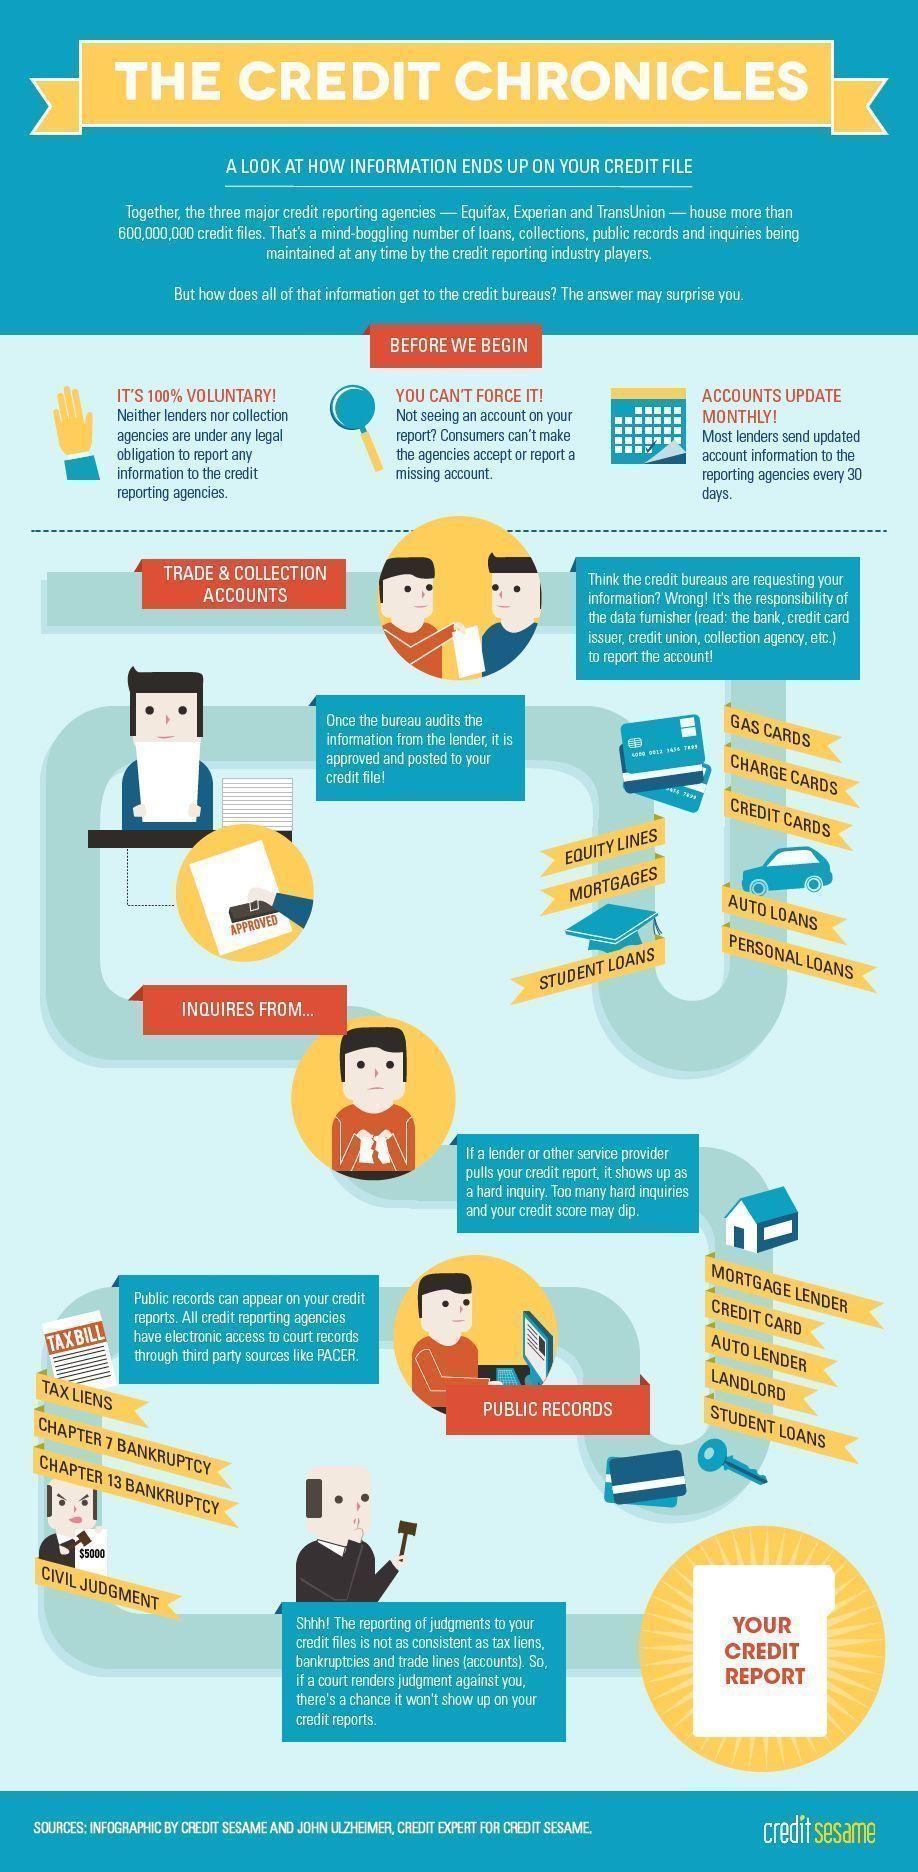 Credit Report Infographic Credit Repair SECRETS Exposed